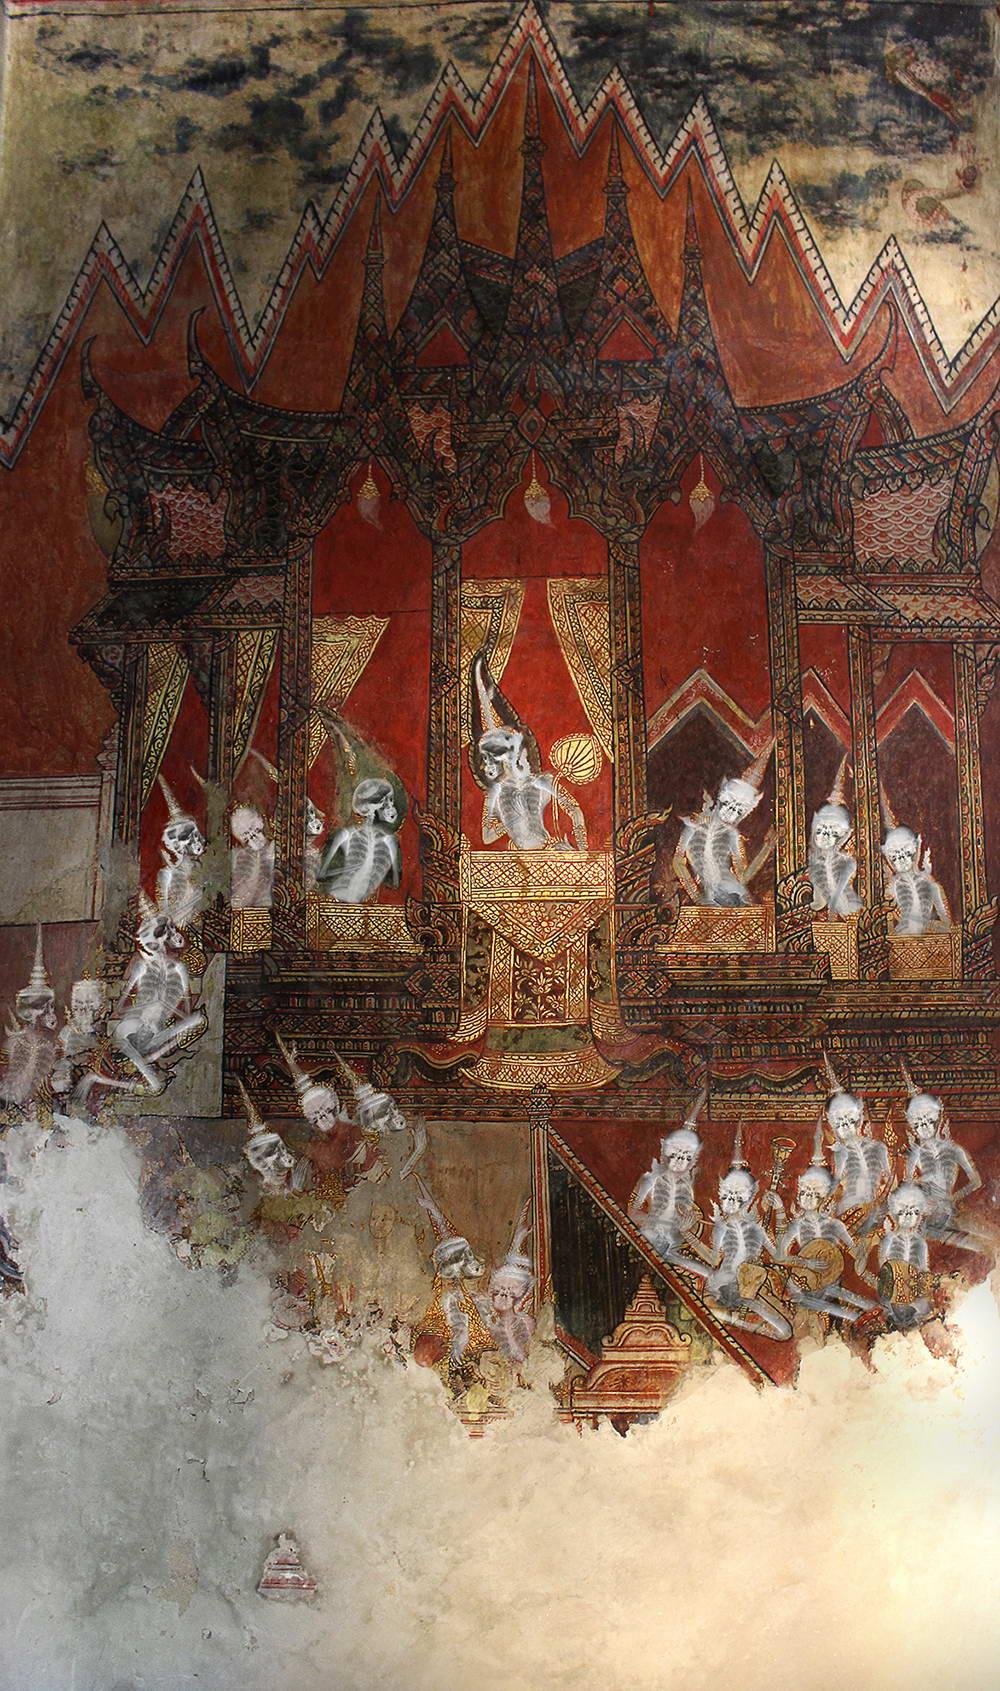 อายตนะ (6) ศิลปะกะเทาะแก่นธรรมโดย ธนัชชา ลีลางกูร